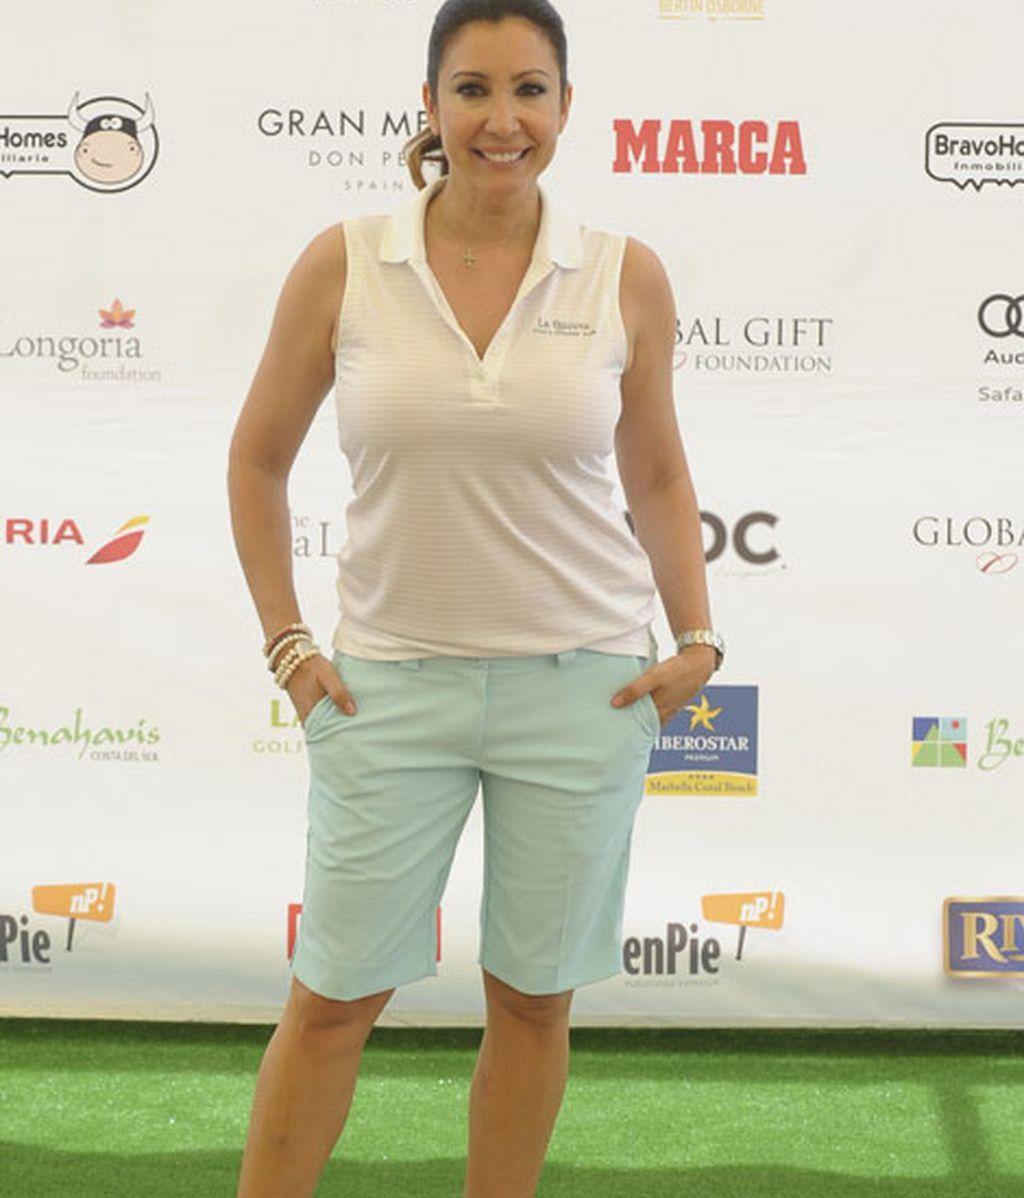 María Bravo, fundadora de Global Gift